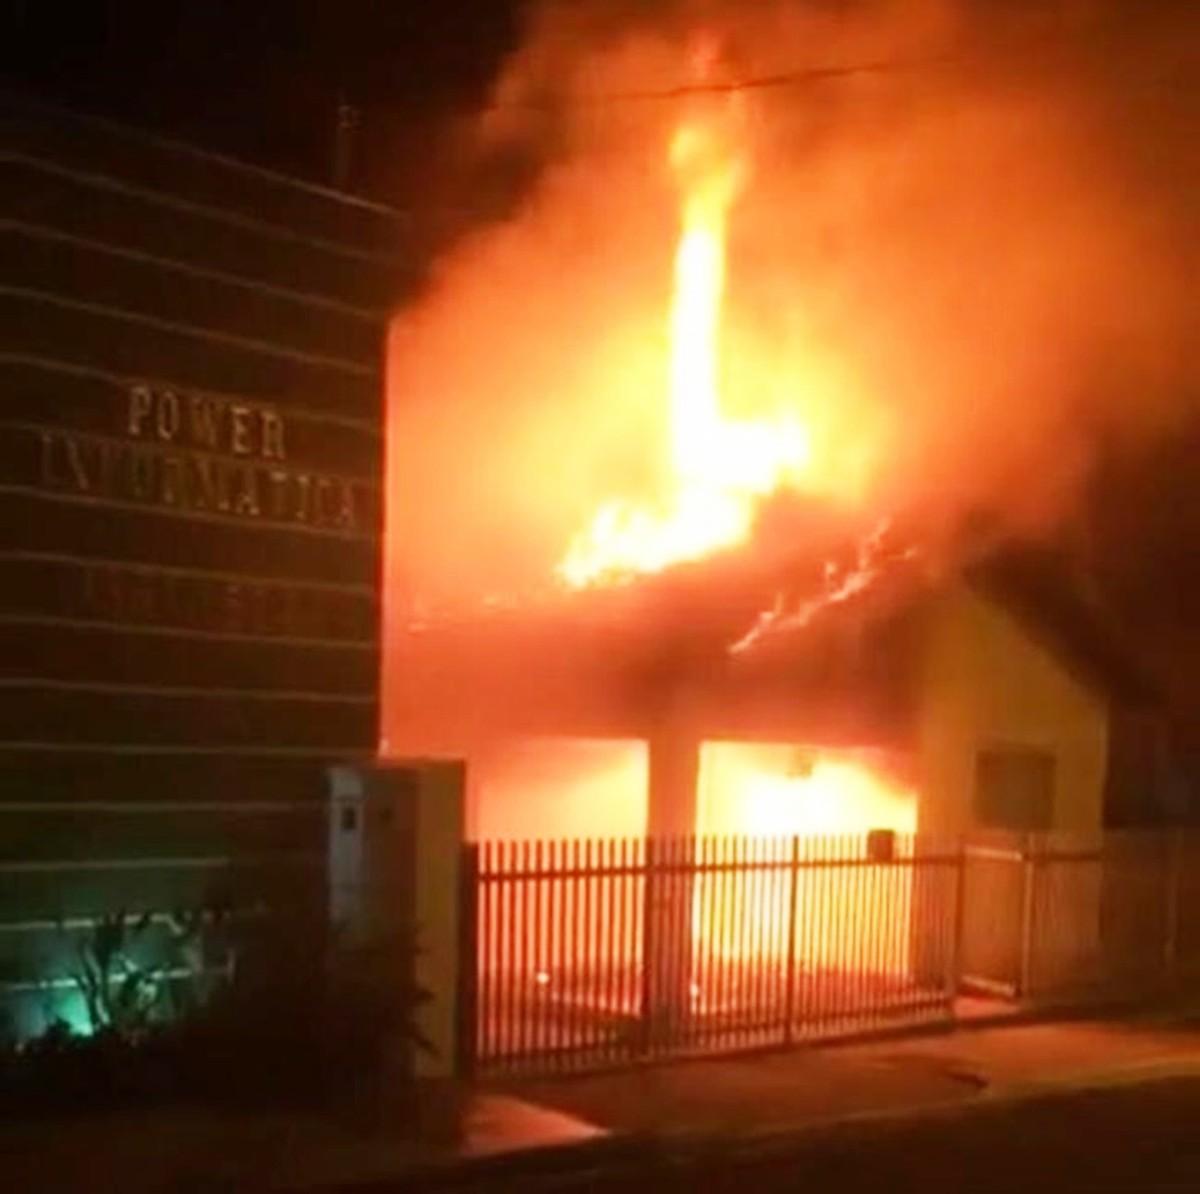 Homem é preso ao colocar fogo na própria casa após brigar com a companheira